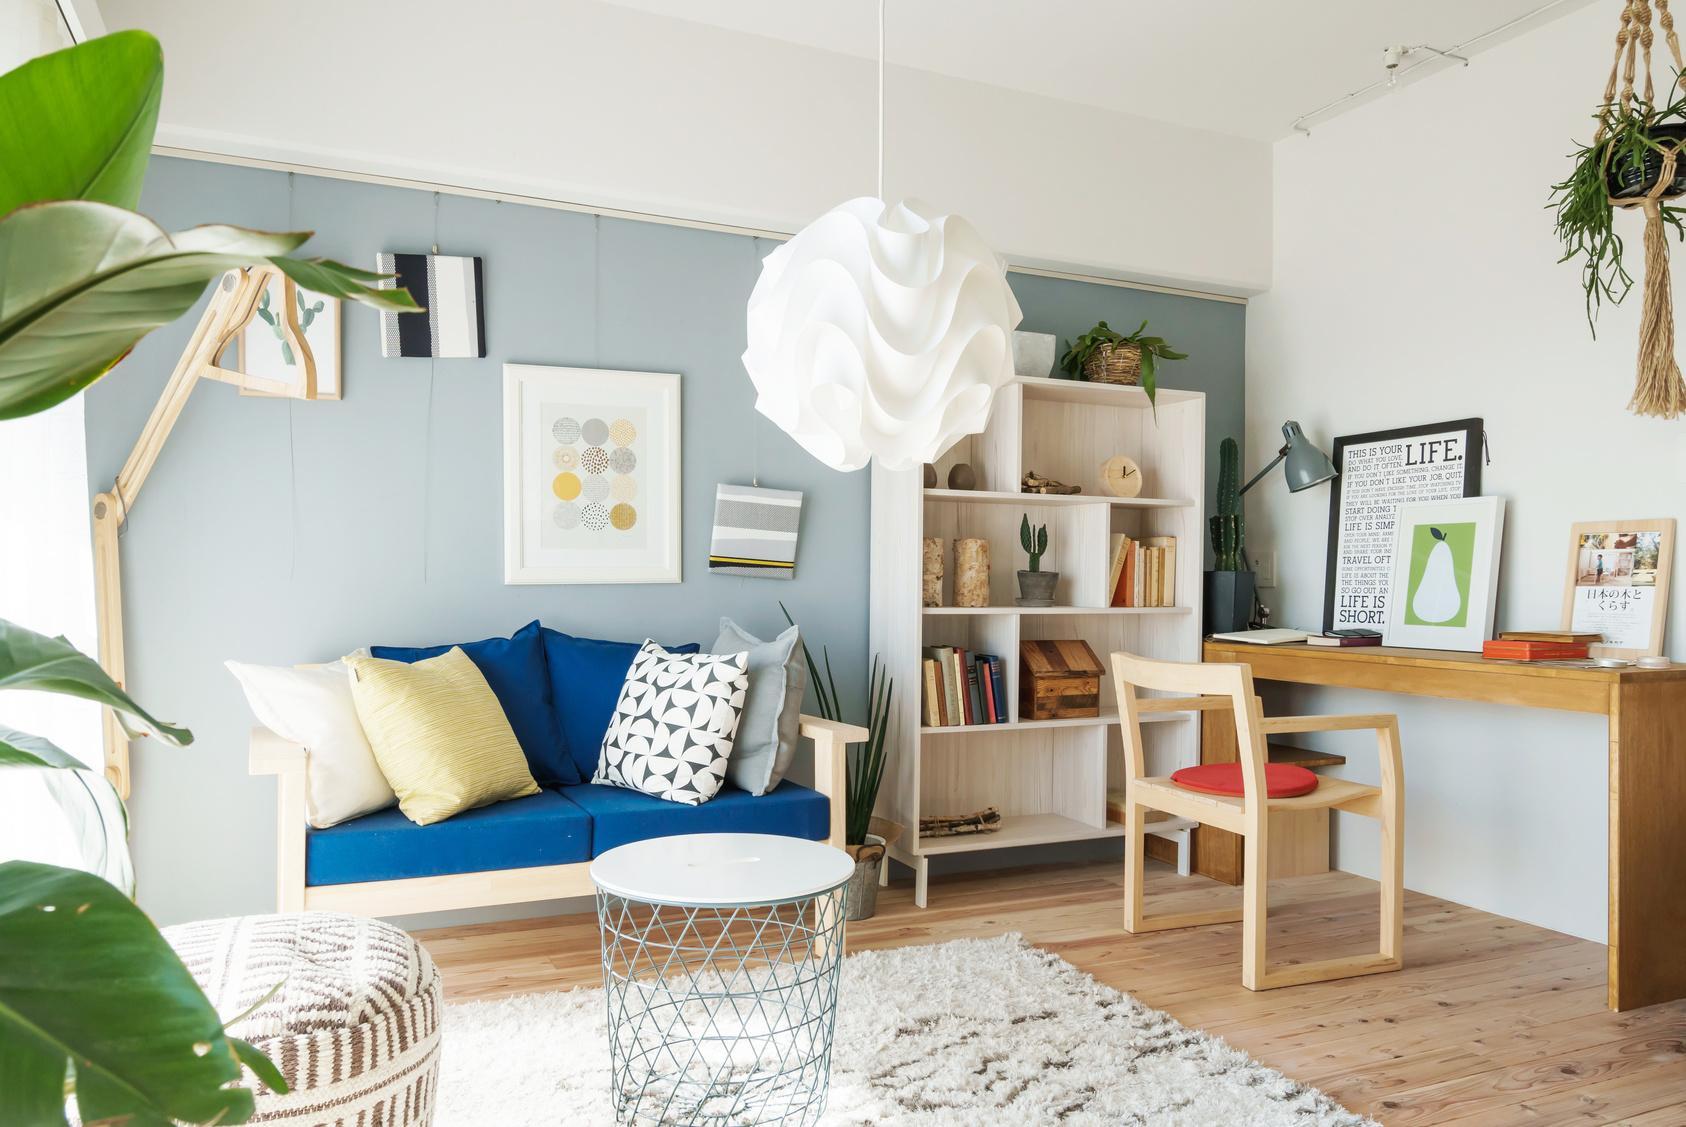 Https: www.immodvisor.com article faire construire sa propre maison